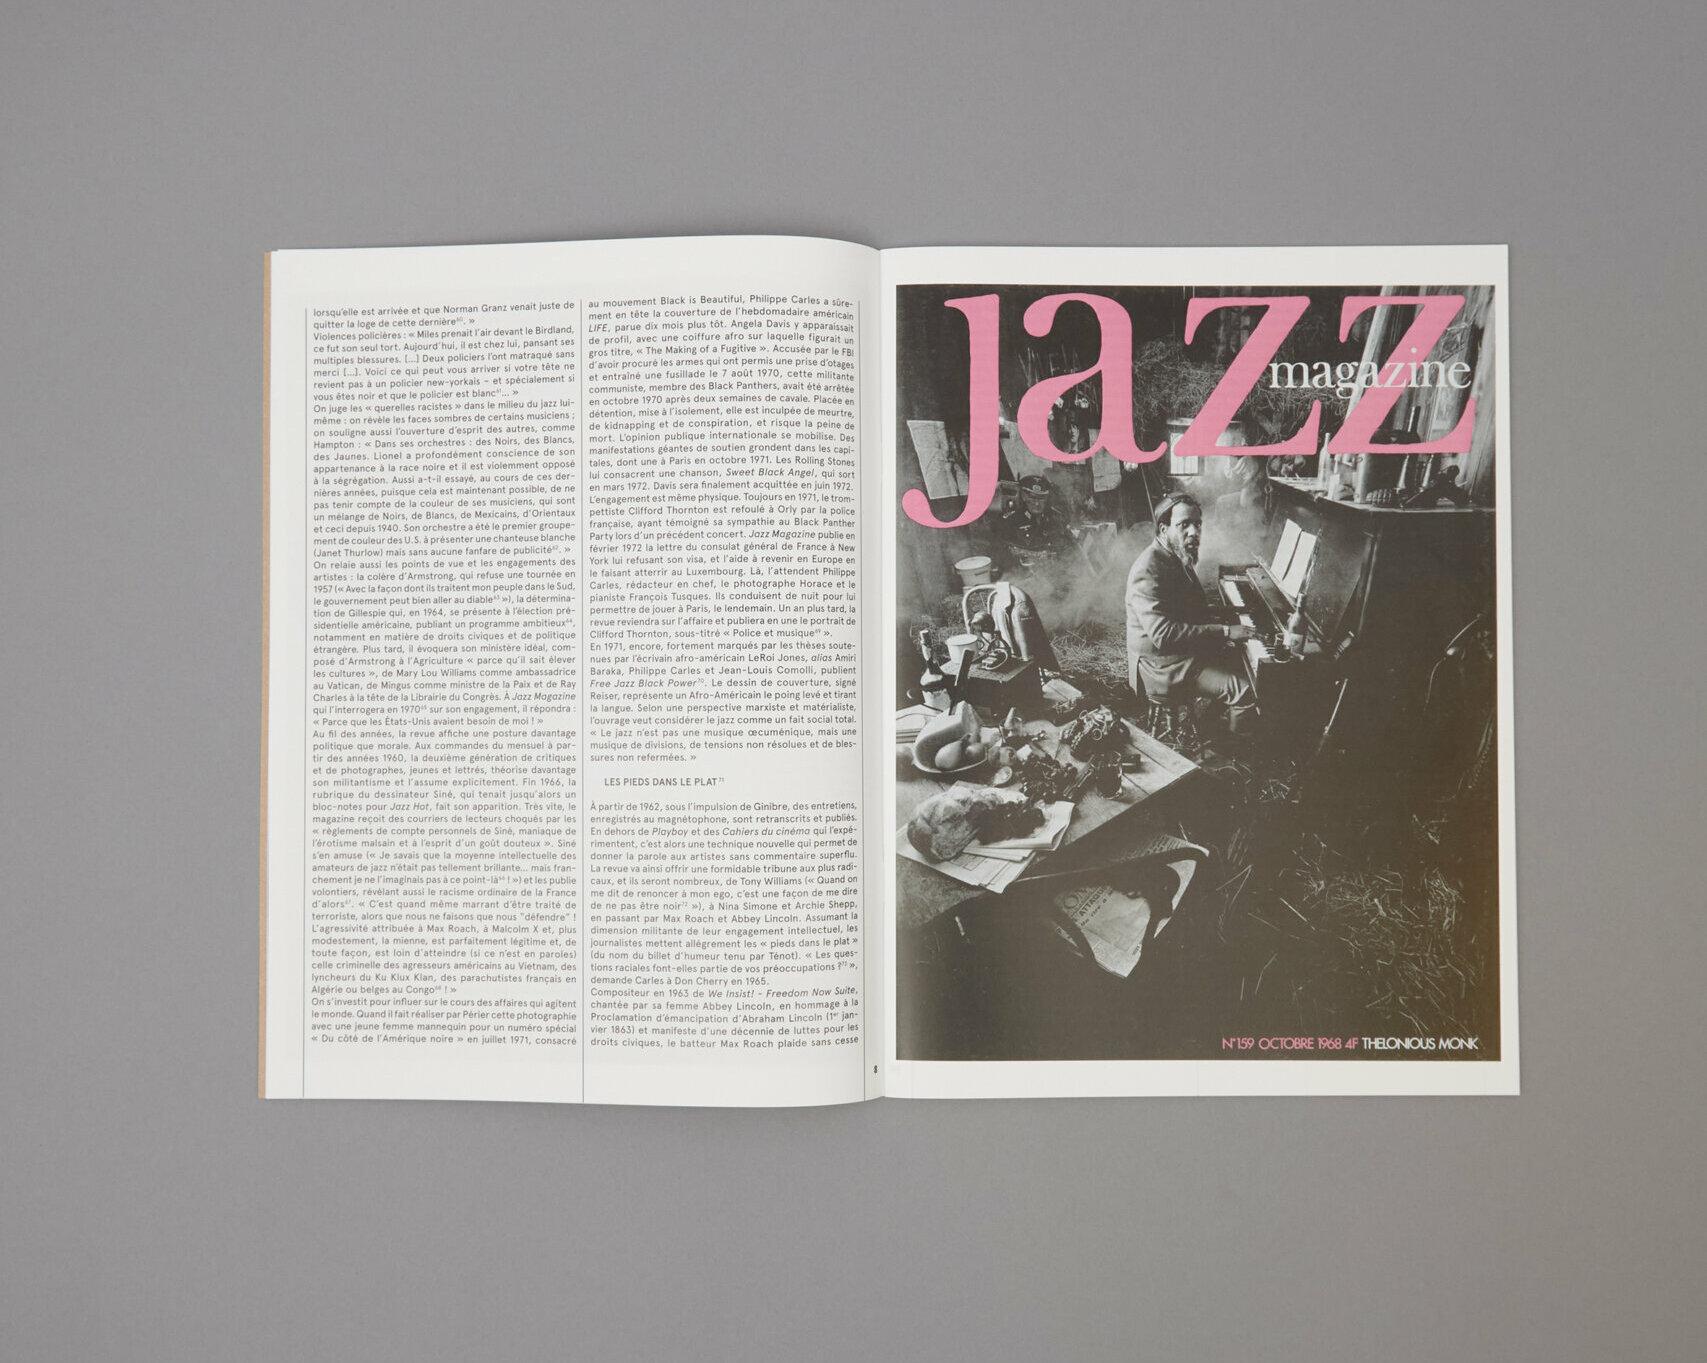 Jazz-power-delpire-co-13